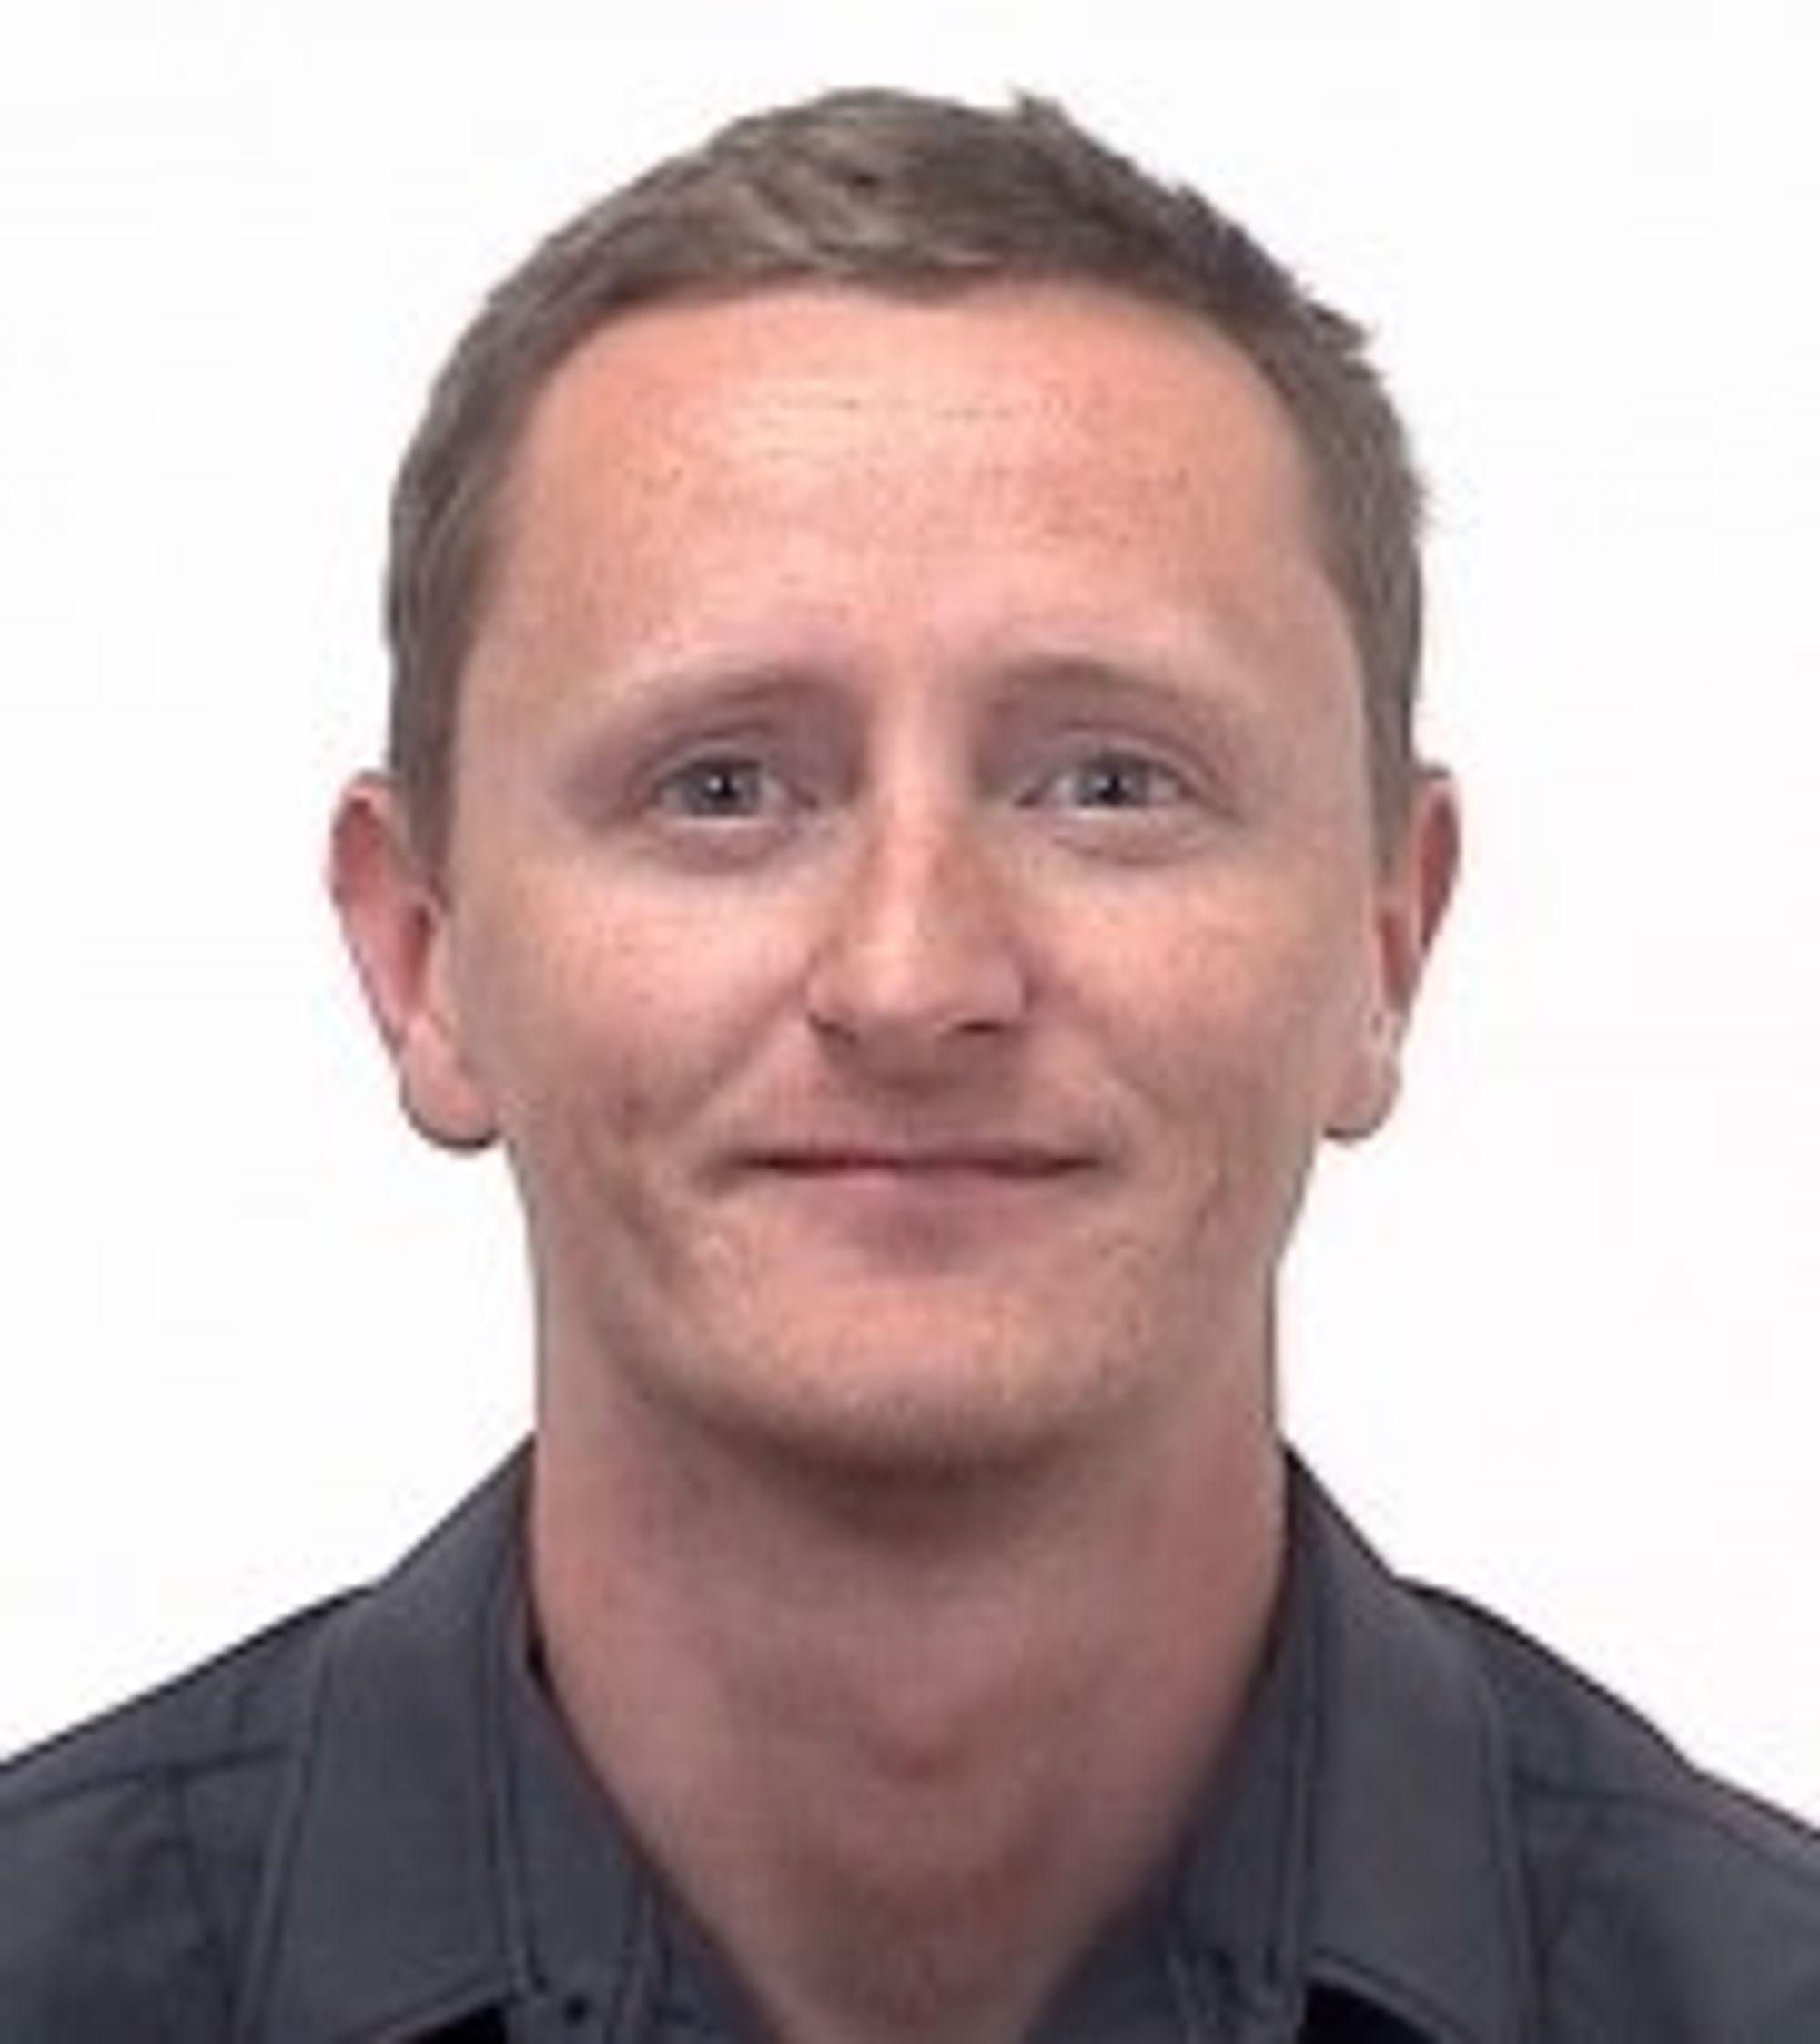 Per Håkon Meland hos SINTEF mener at det ikke akuratt er rakettforskning å implementere tofaktorautentisering for brukerne.